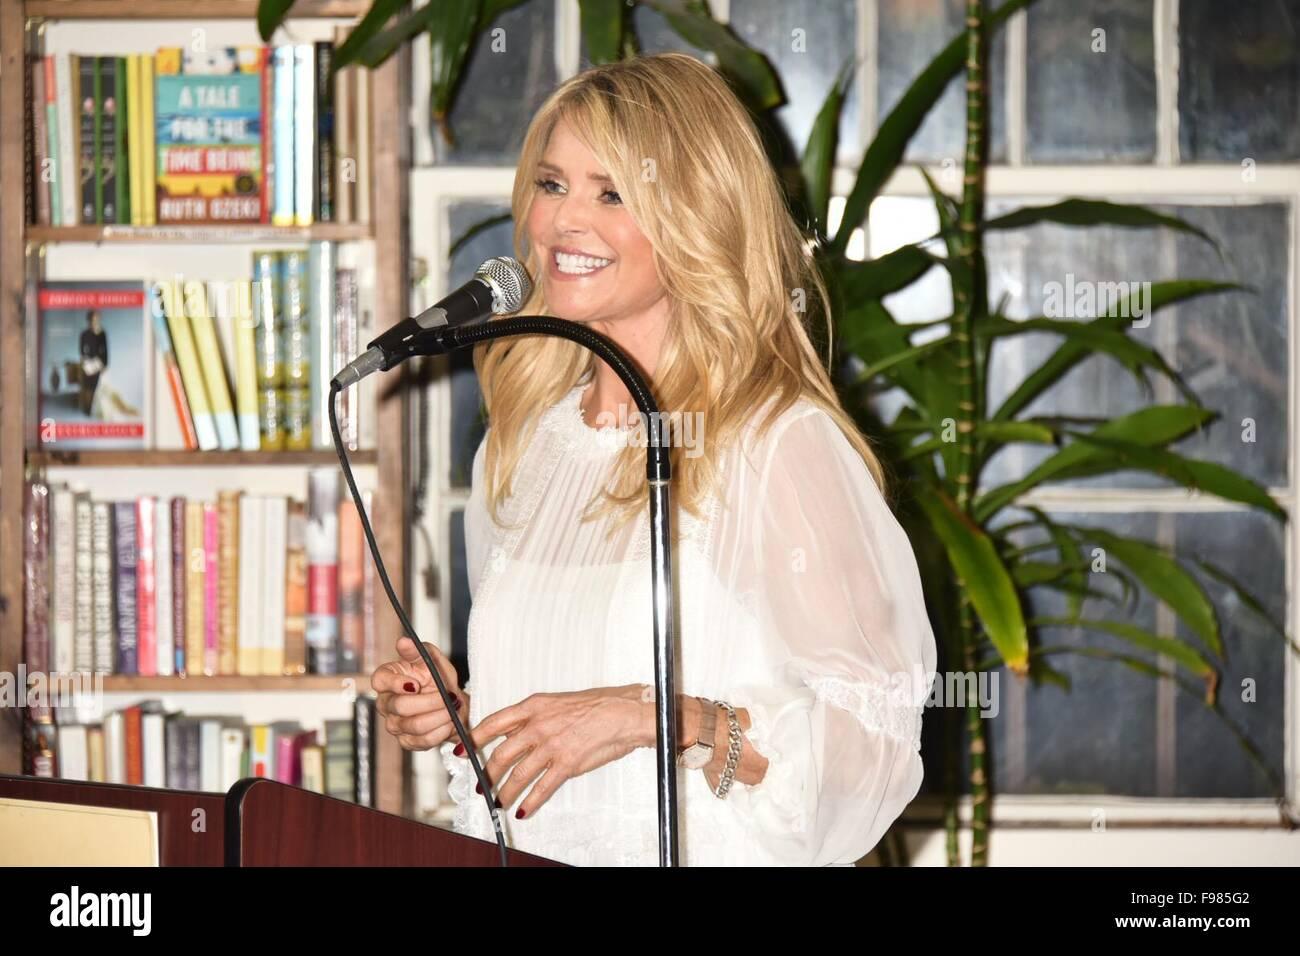 Christie Brinkley signe des exemplaires de son nouveau livre 'Timeless Beauty' au Réservez Revue à Huntington comprend: Christie Brinkley Où: Huntington, New York, United States Quand: 13 Nov 2015 Banque D'Images